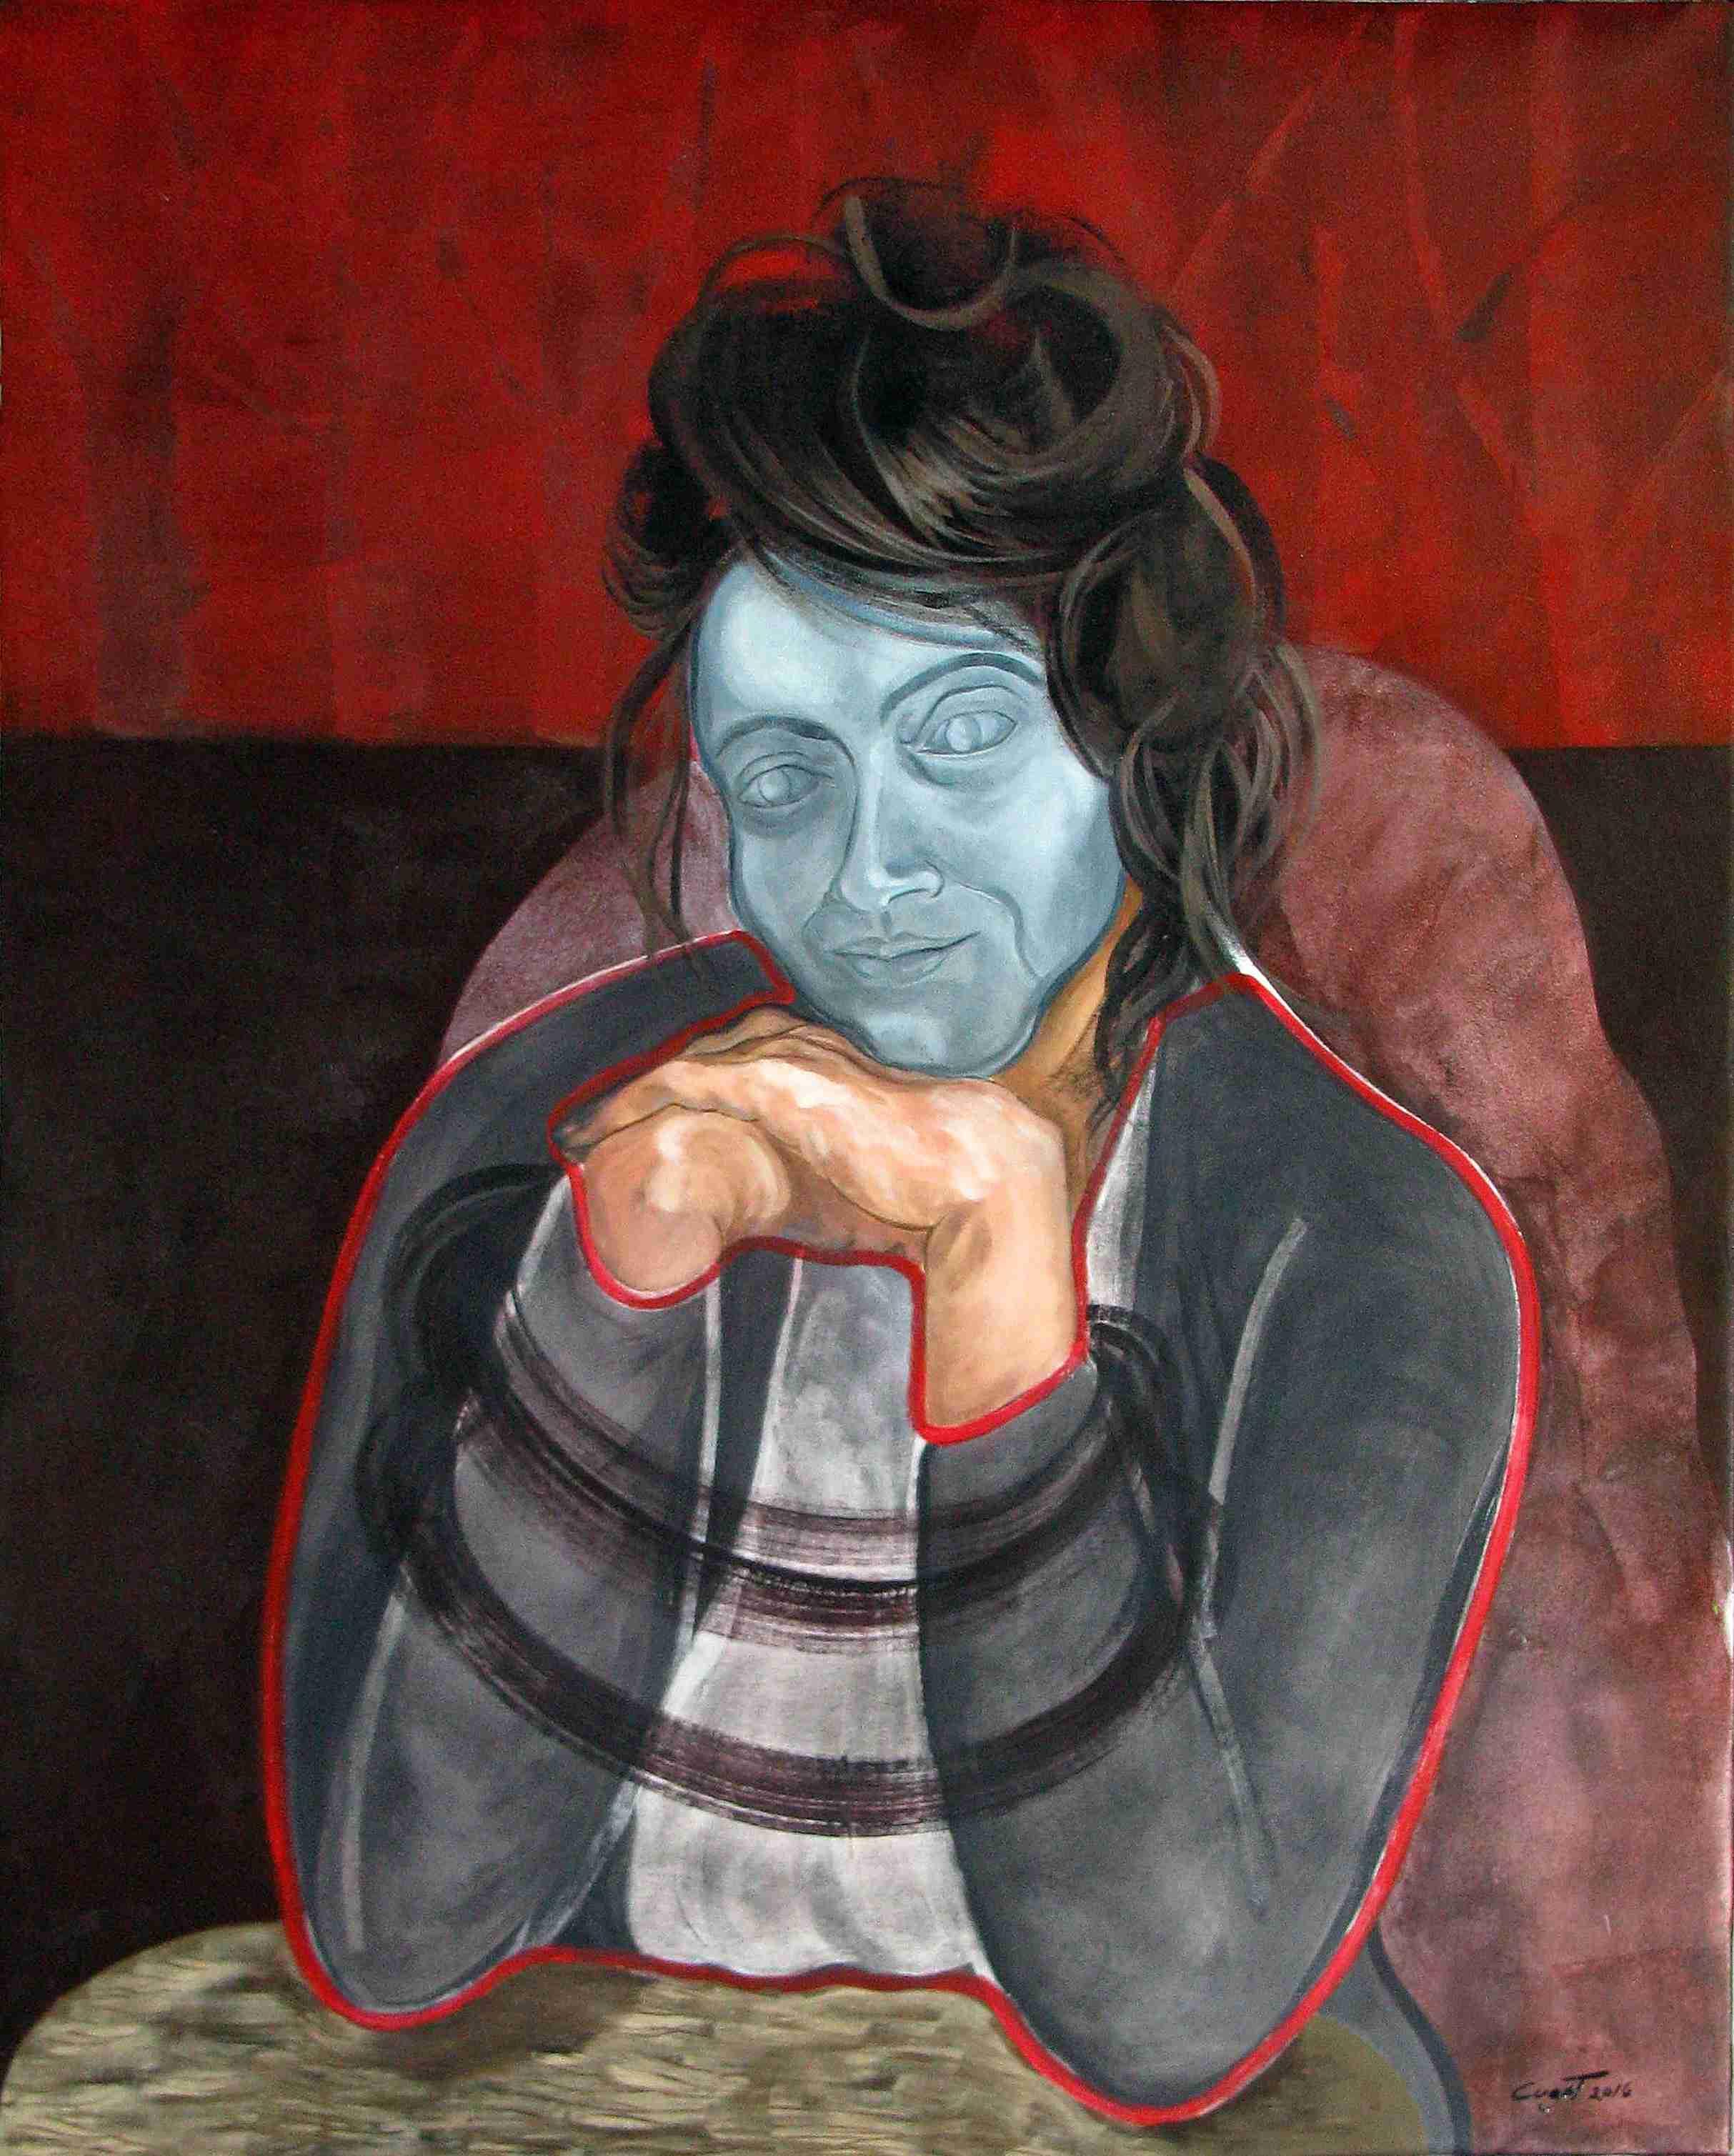 Obra: Serie Muñecas (Retrato)